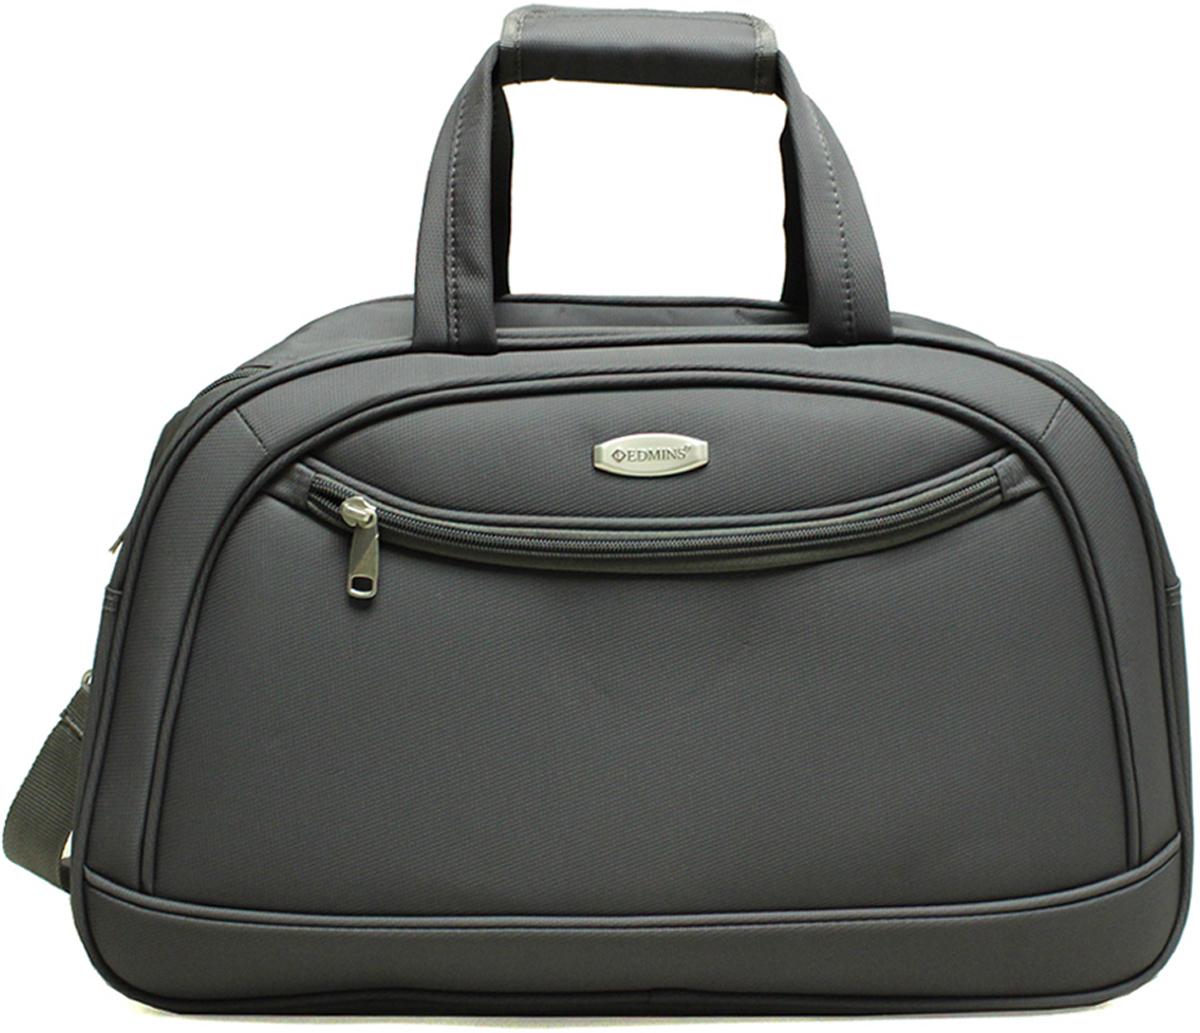 Сумка дорожная Edmins, цвет: серый, 30 л. 213 НF 420*3-1213 НF 420*3-1Сумка дорожная Edmins выполнена из легкой, очень прочной ткани, которая великолепно сохраняет форму и проста в уходе. Данная модель удобна и практична: имеет широкий плечевой ремень, 2 ручки-переноски, умный карман, который позволяет одевать сумку на ручку чемодана, освобождая Ваши руки, а также жеское дно, которое можно поднять, для компактного хранения сумки. Внутри имеется дополнительный карман на молнии. На внешней стороне находится вместительный карман на молнии, который позволяет все самое необходимое хранить под рукой. Максимальная нагрузка: 7кг. Внешние размеры: 51*20*33 см. Вес 1кг. Объем 33,5 л. Гарантия 2 года.